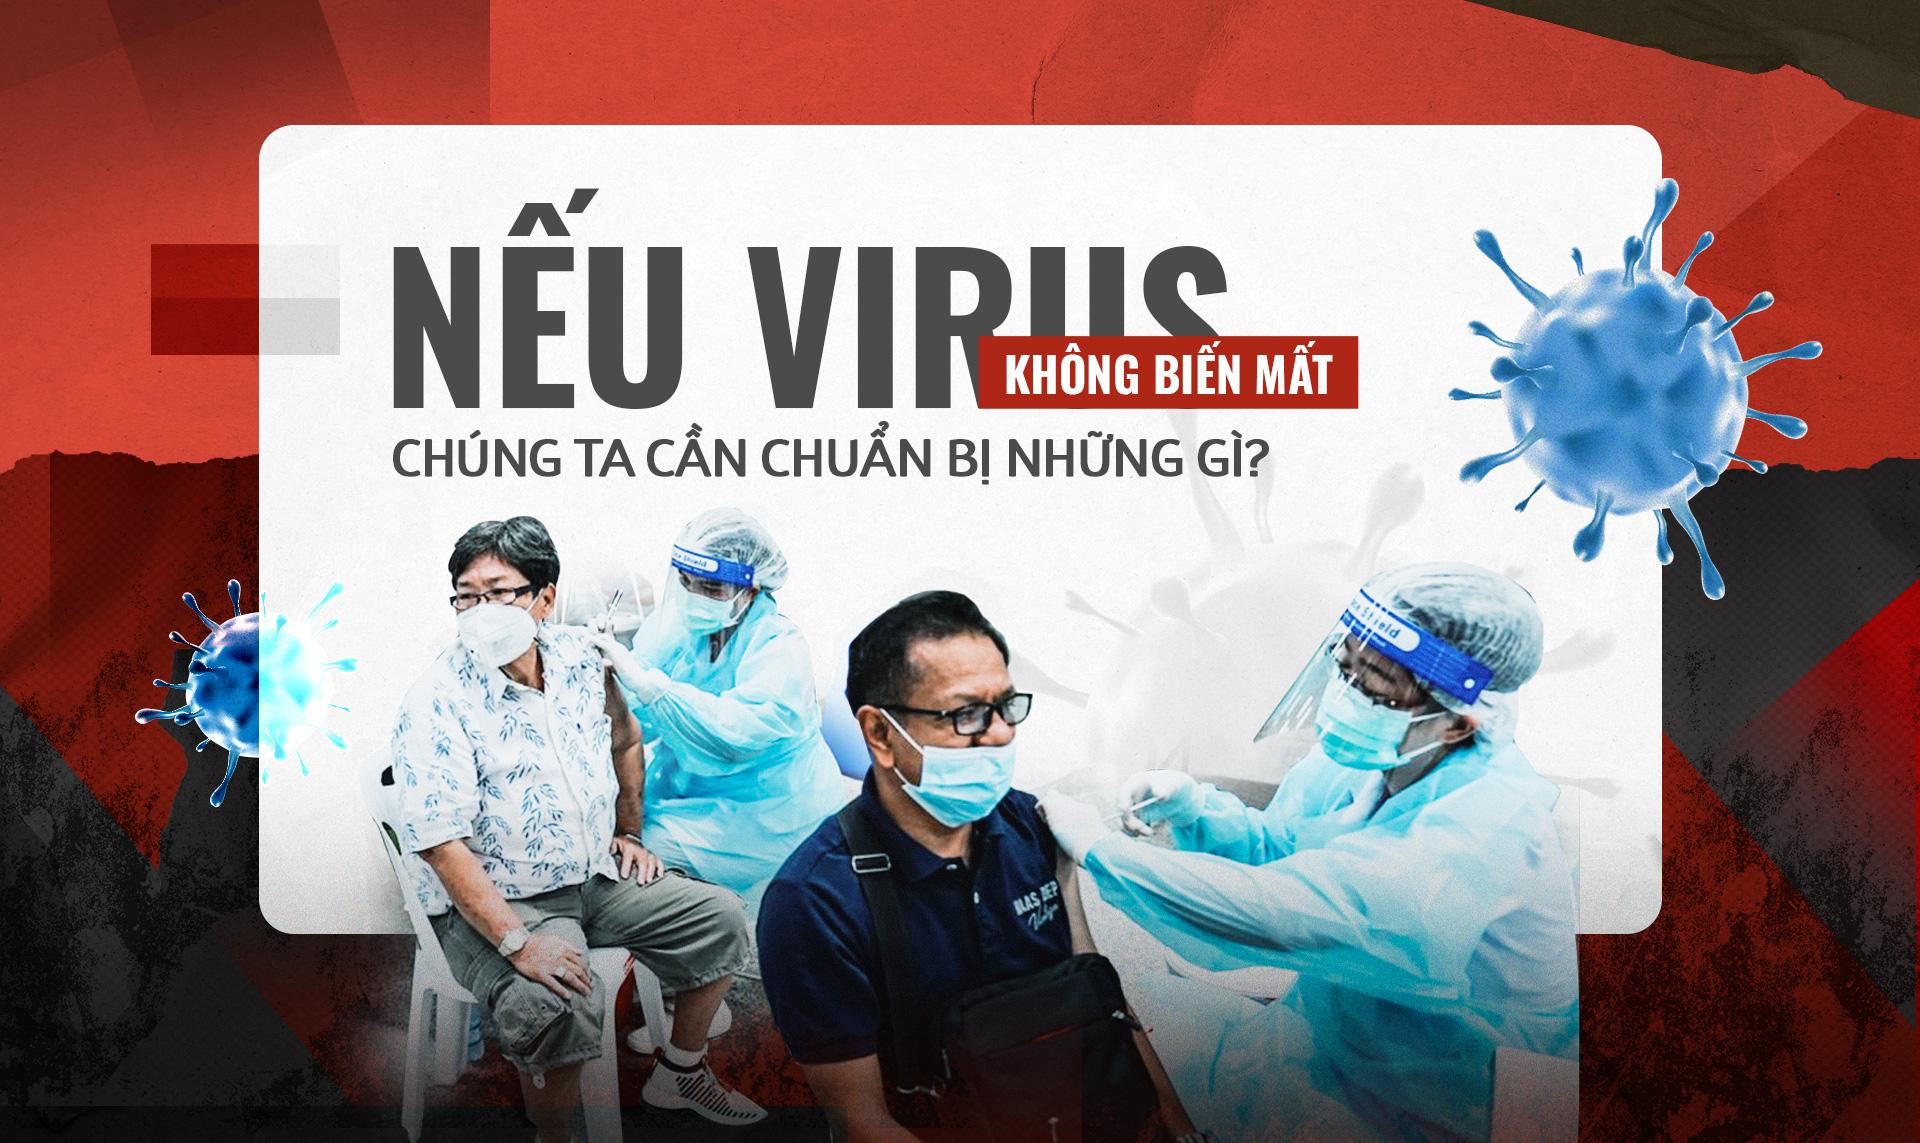 Nếu virus không biến mất, chúng ta cần chuẩn bị những gì?